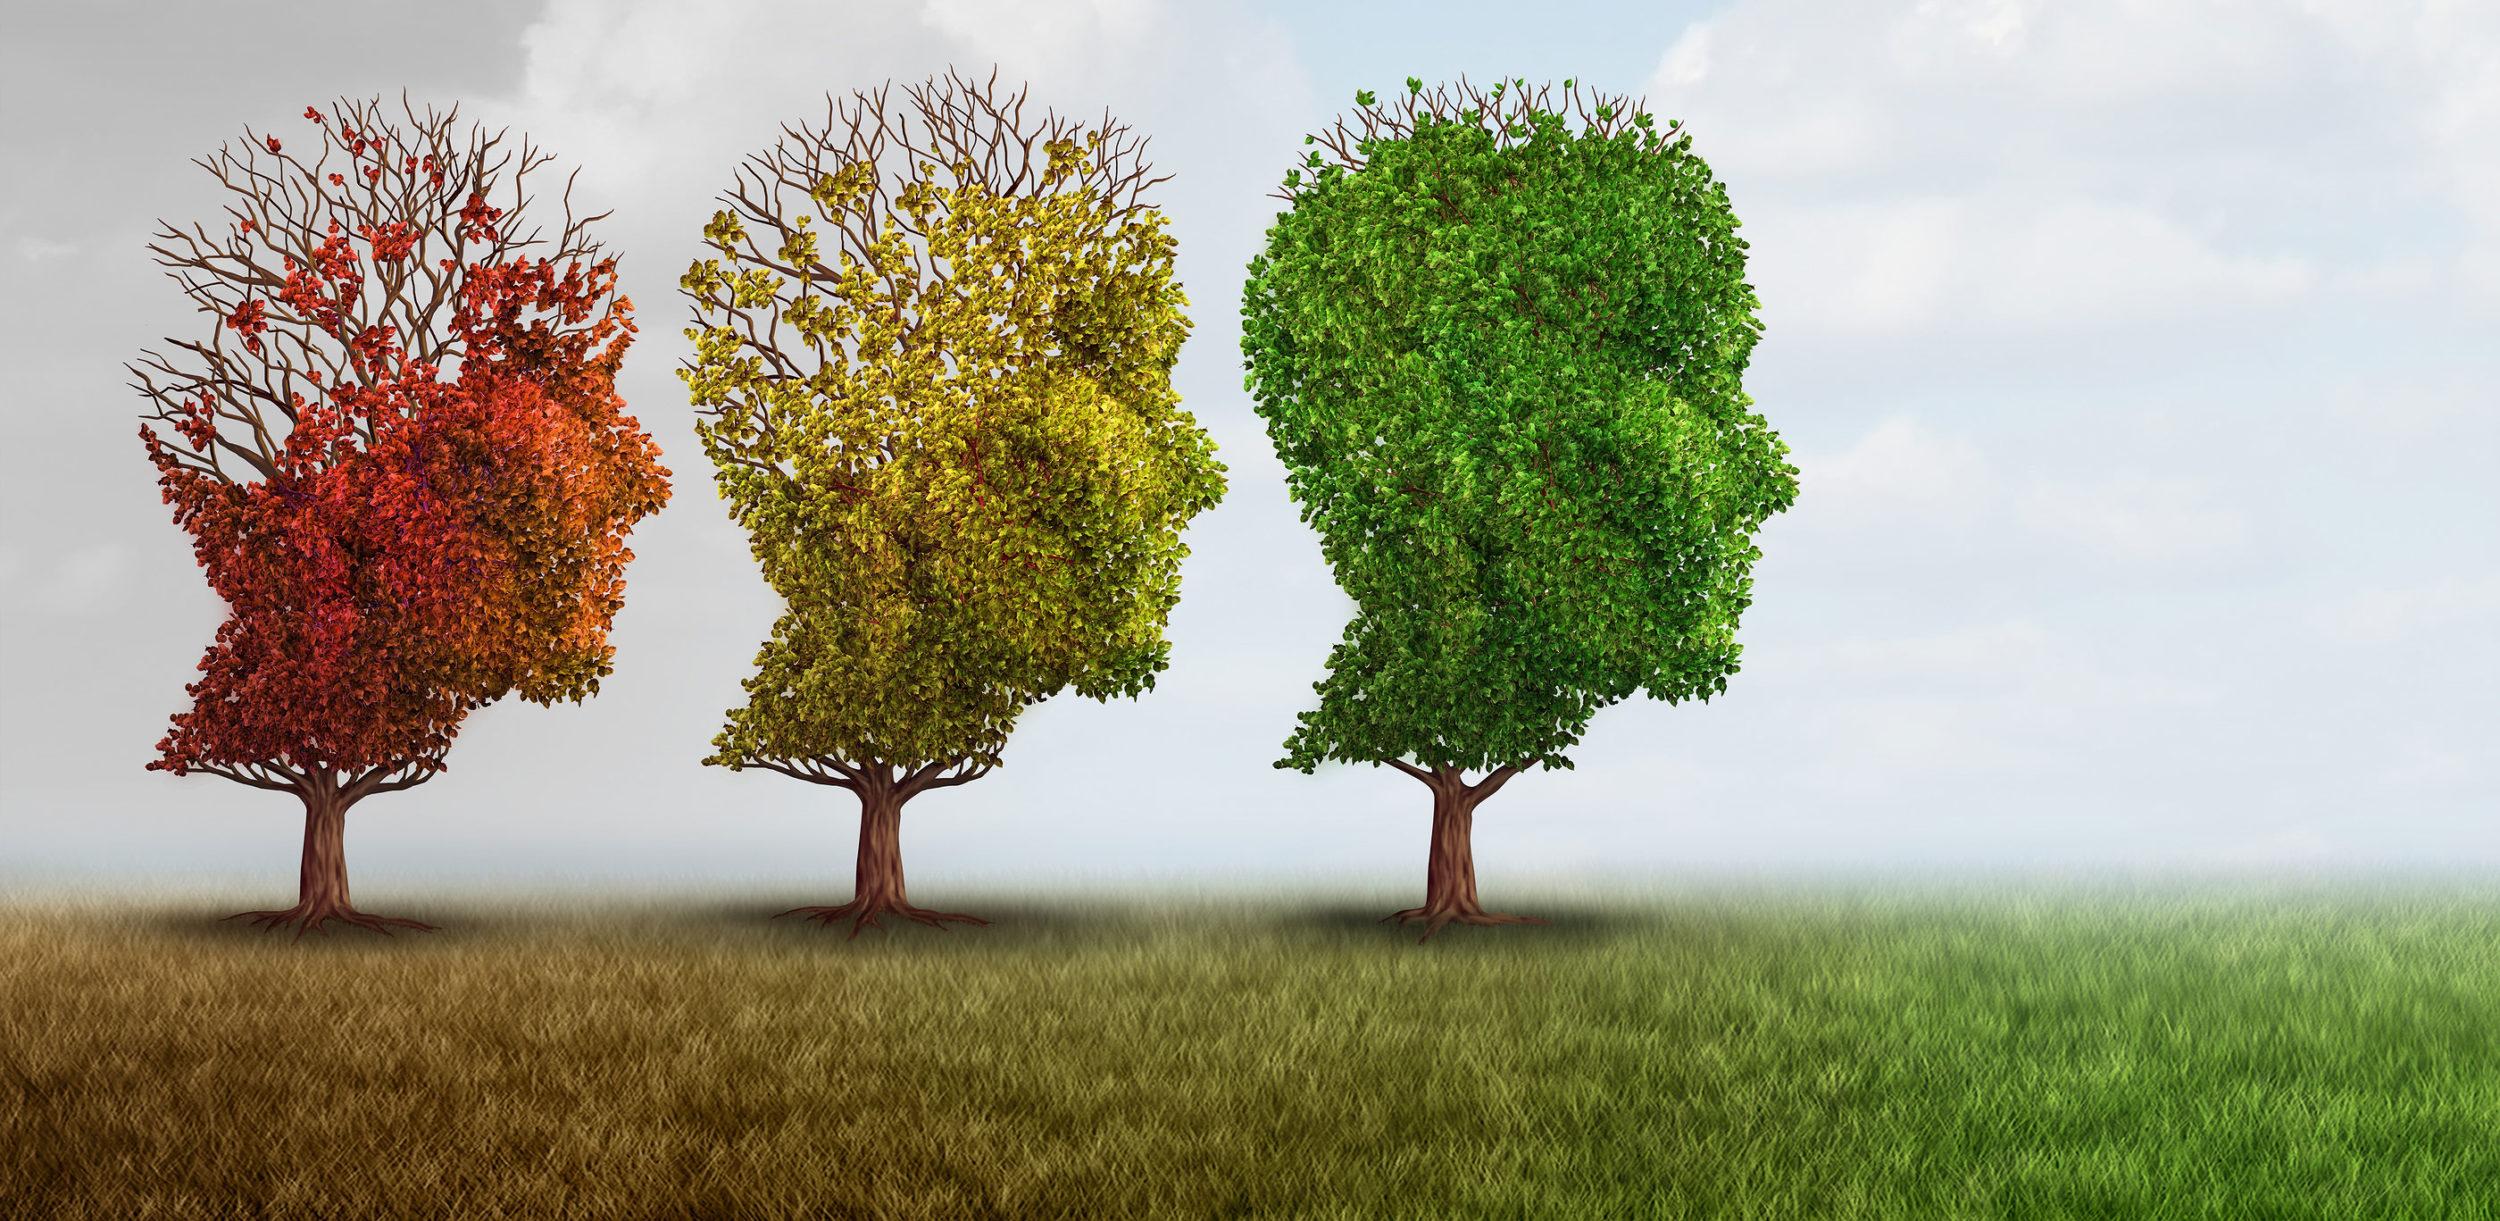 dementia-cropped-e1511819146715.jpg